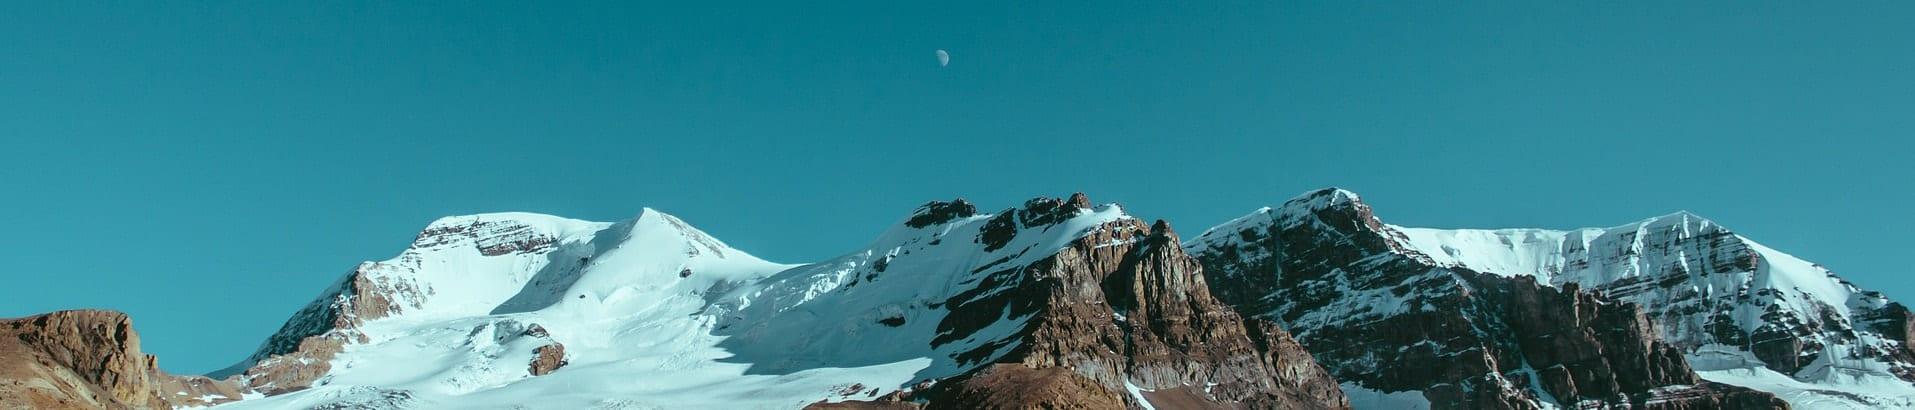 """Изображение с горами для страницы сайта """"Блог"""""""